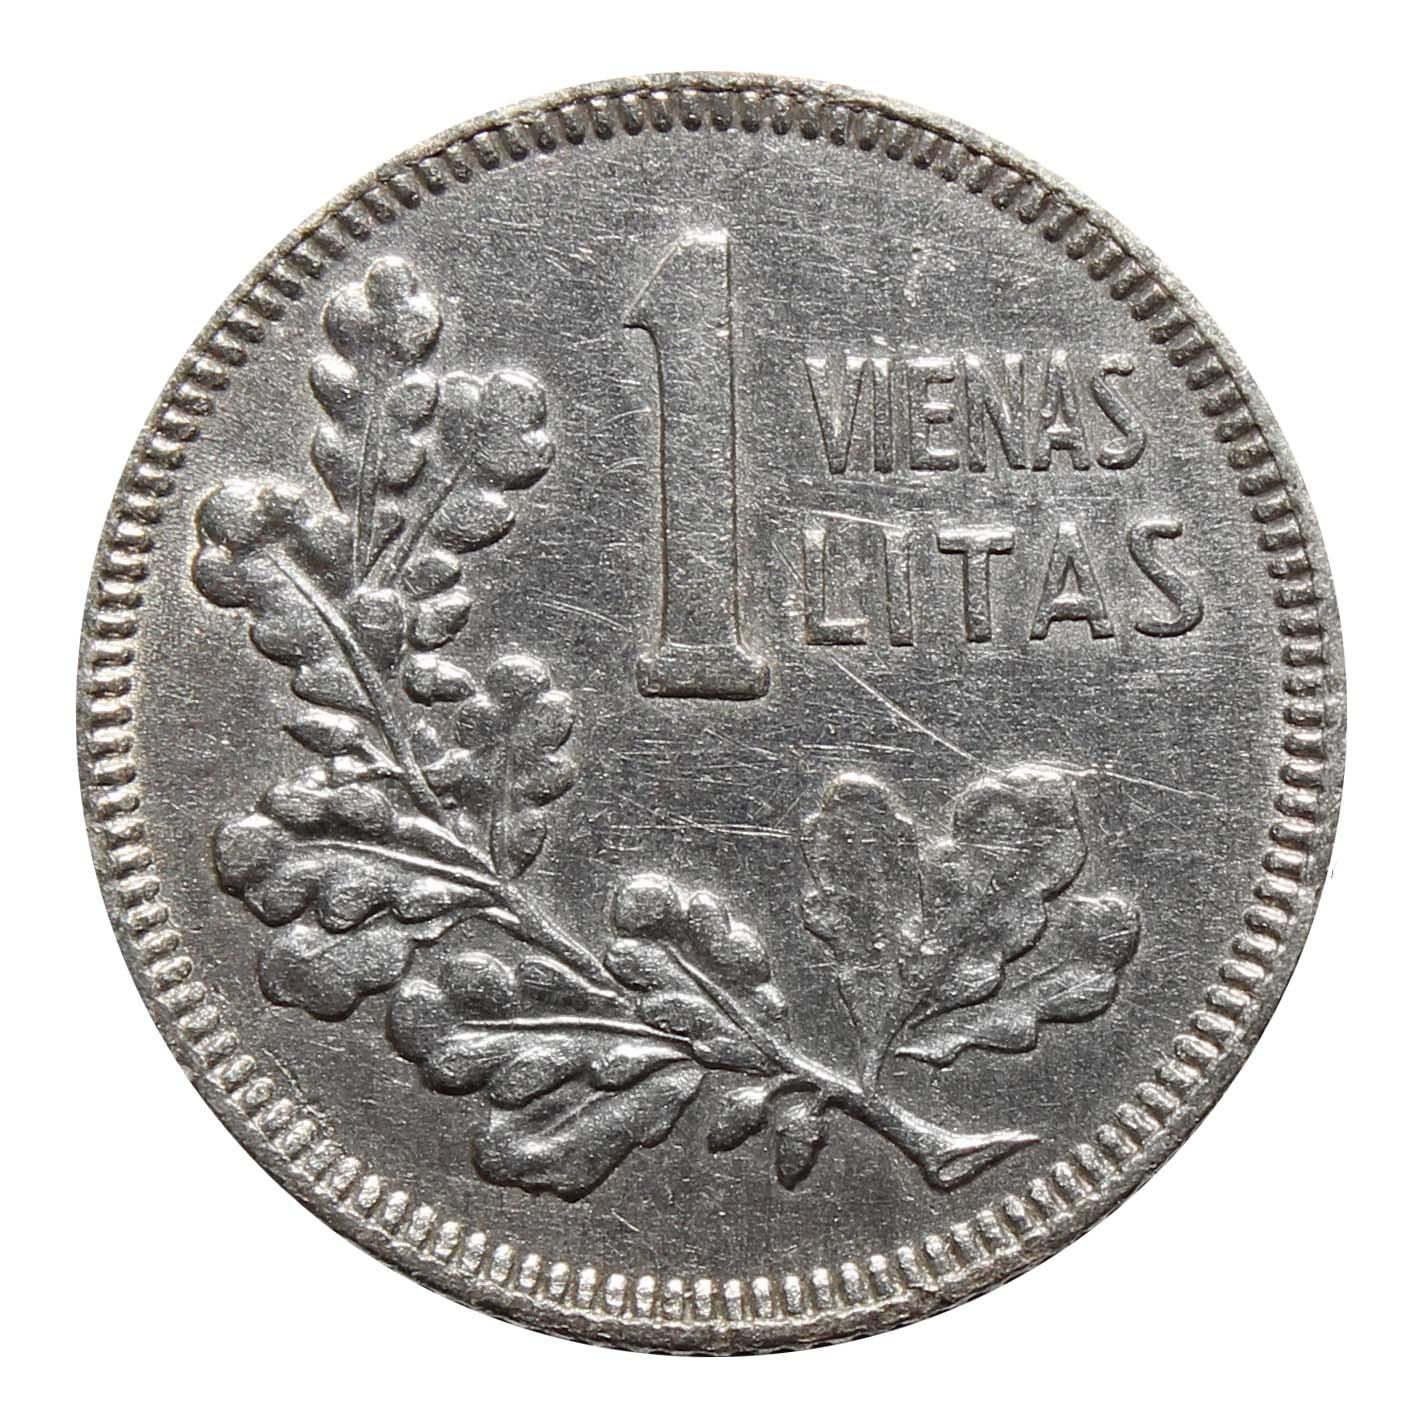 1 лит. Литва. 1925 год. Серебро. VF-